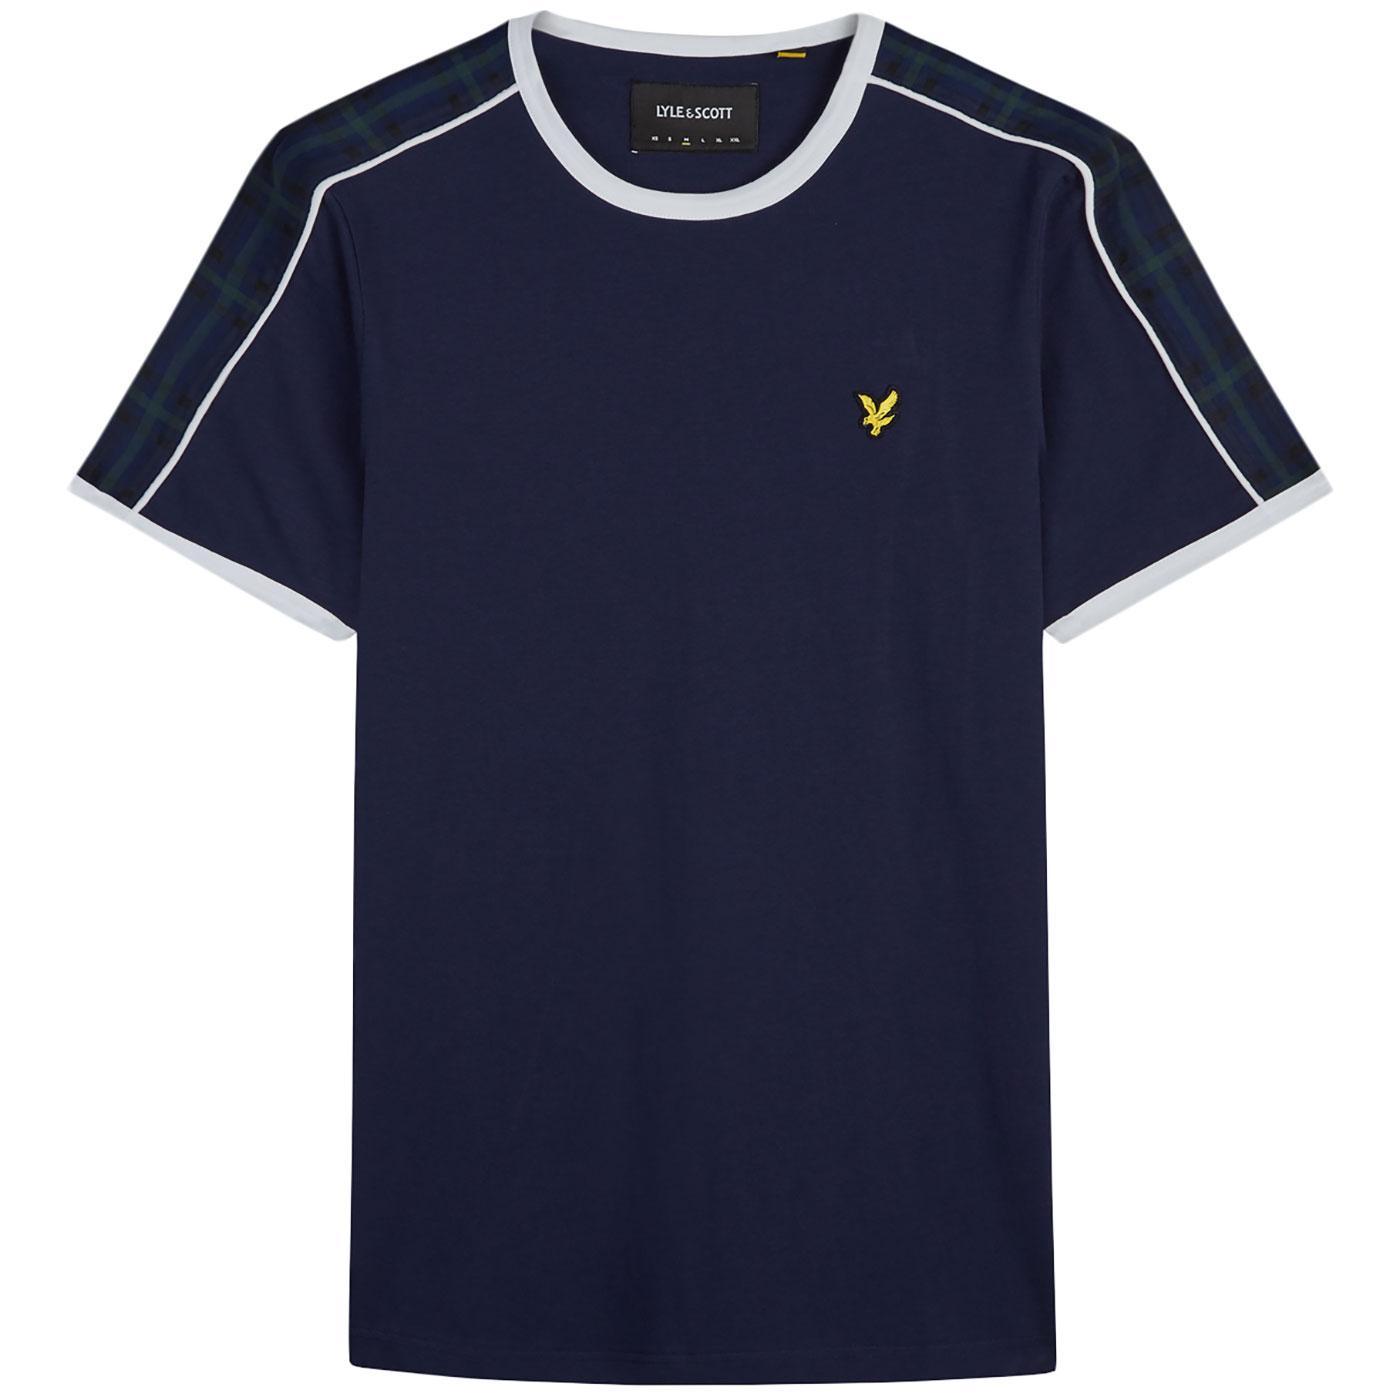 LYLE & SCOTT Retro Taped Sleeve Ringer T-Shirt (N)